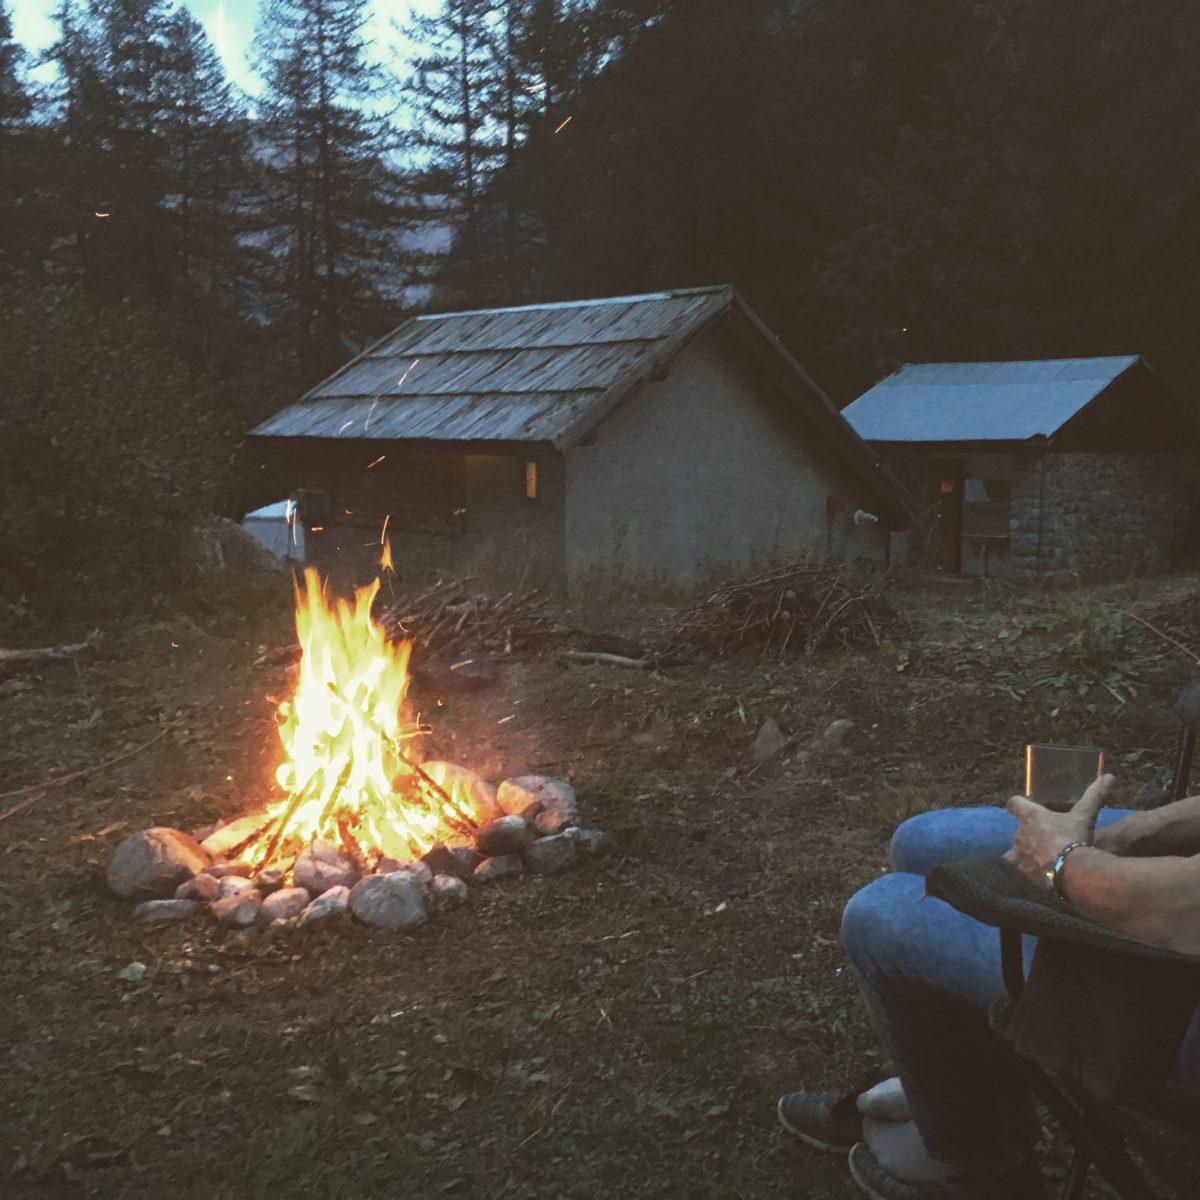 Am Campingplatz ist offenes Feuer erlaubt